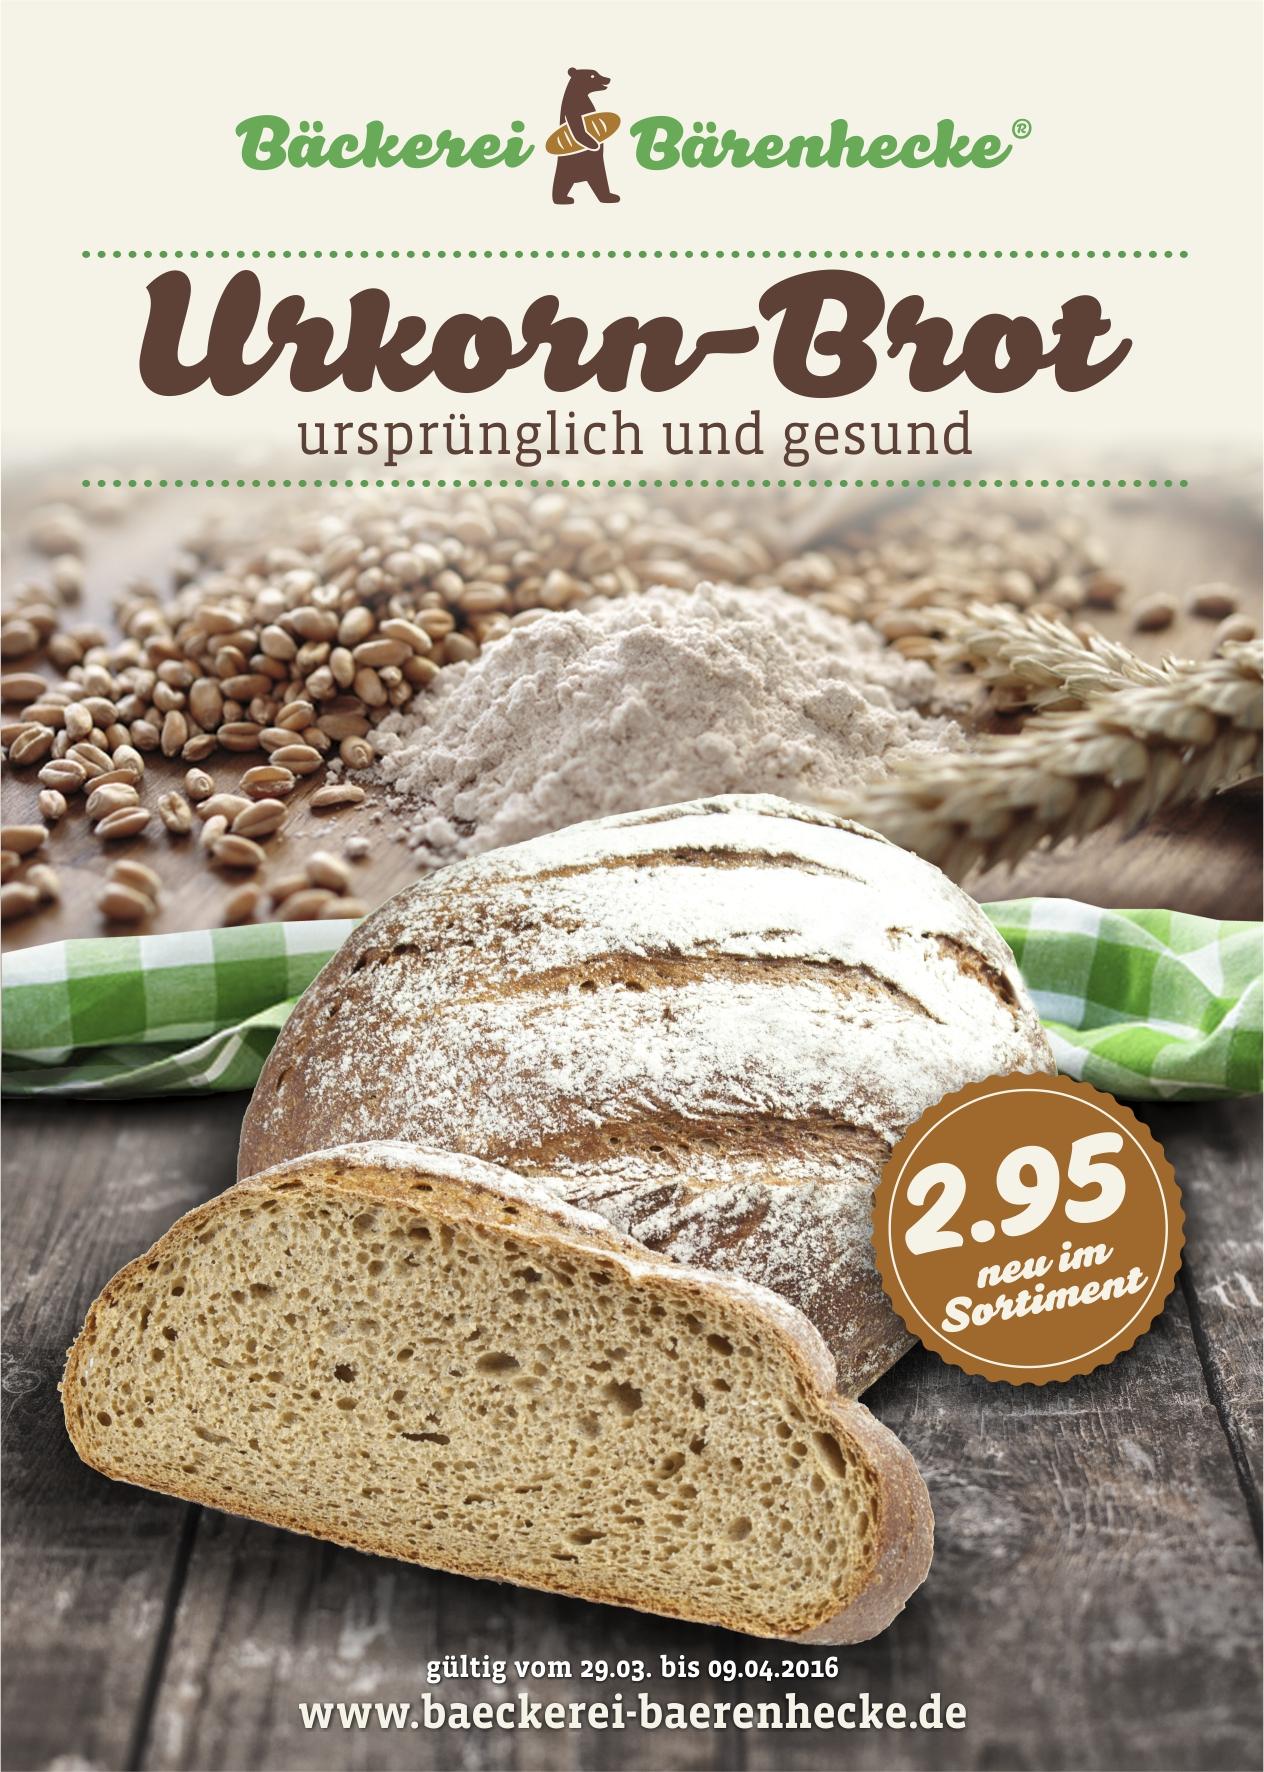 Bärenhecke Urkorn Brot